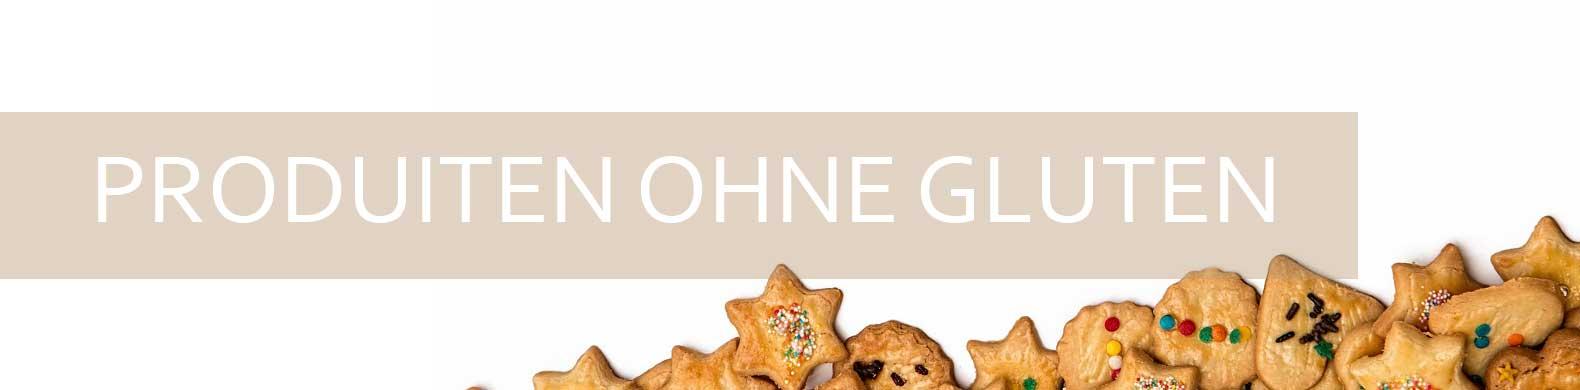 Banner glutenfreie Produkte sehen Beine mit Herz- und Sternformen aus.